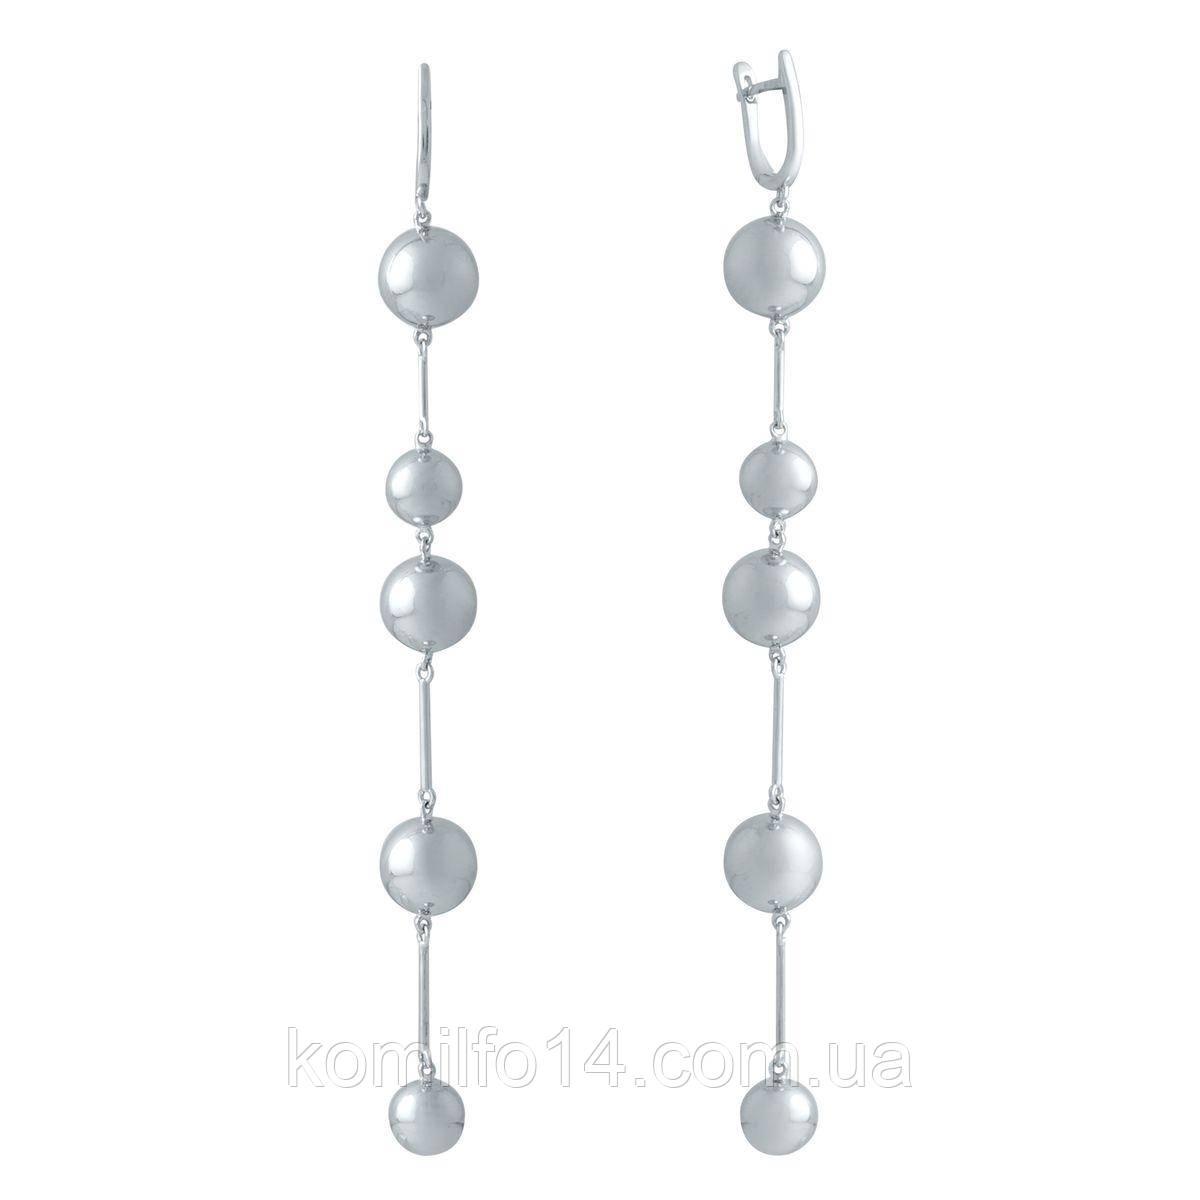 Серебряные серьги Komilfo с фианитами (2006091)